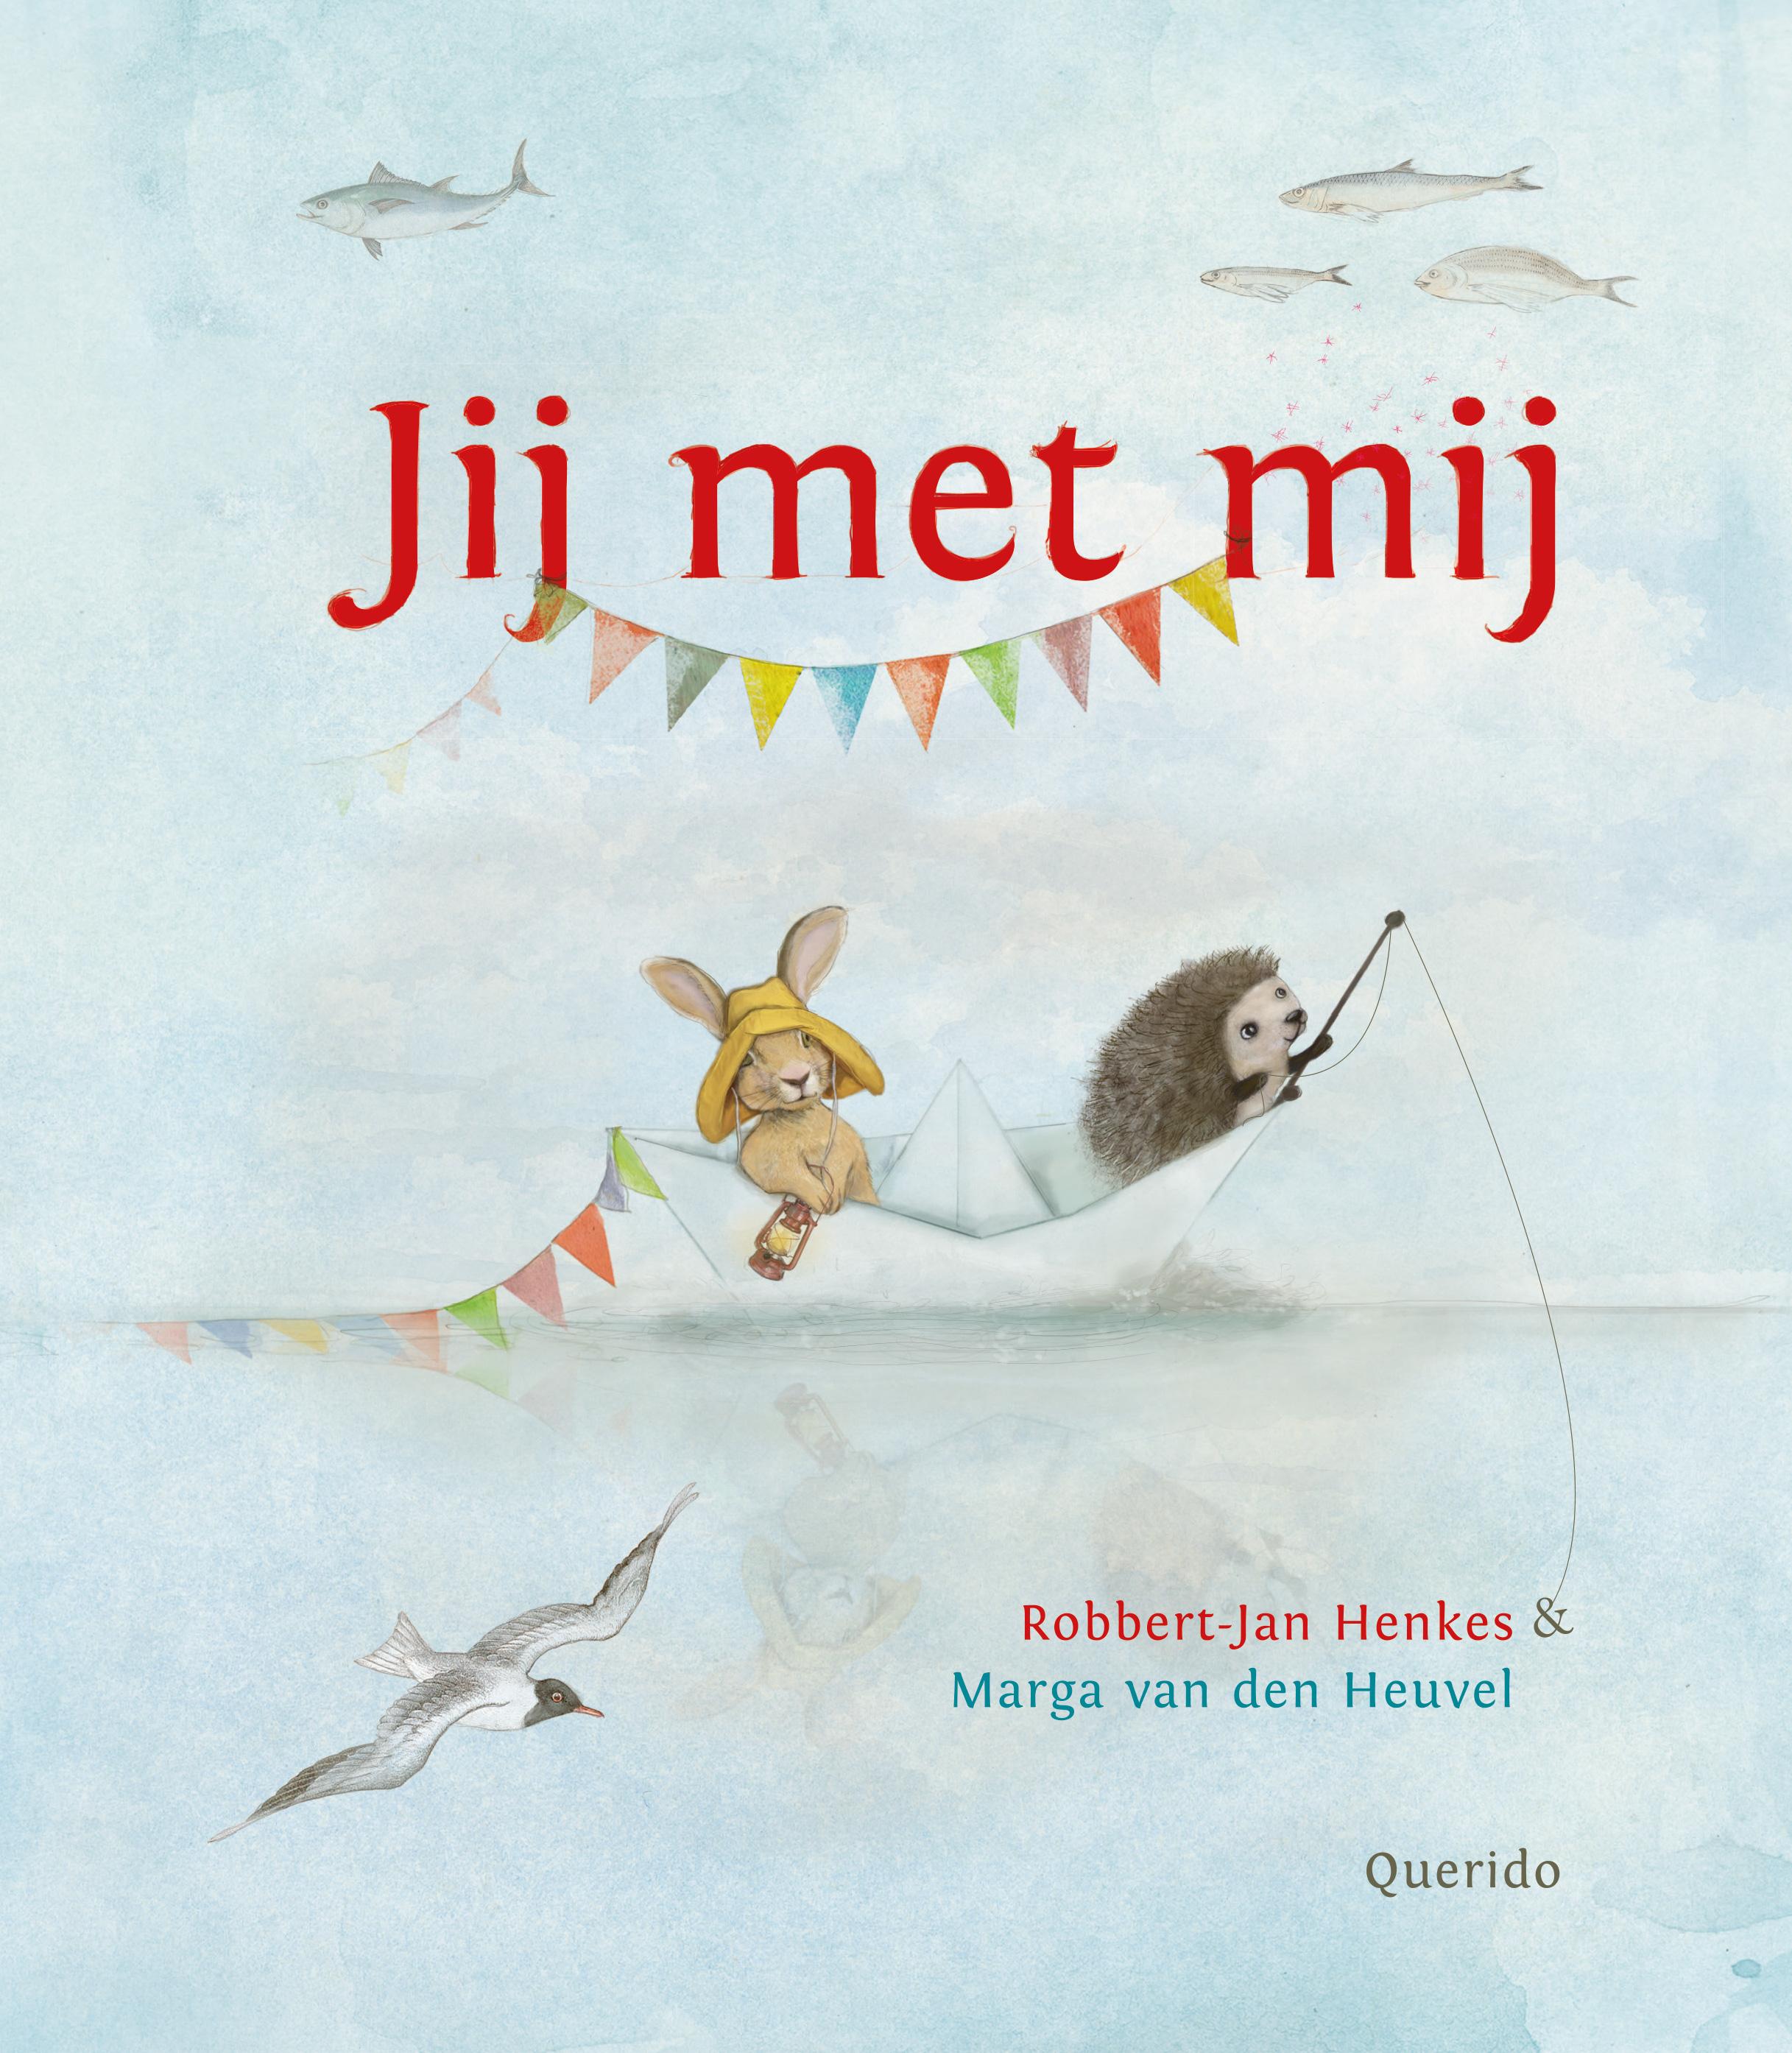 cover van het boek Jij met mij, van Robbert-Jan Henkes